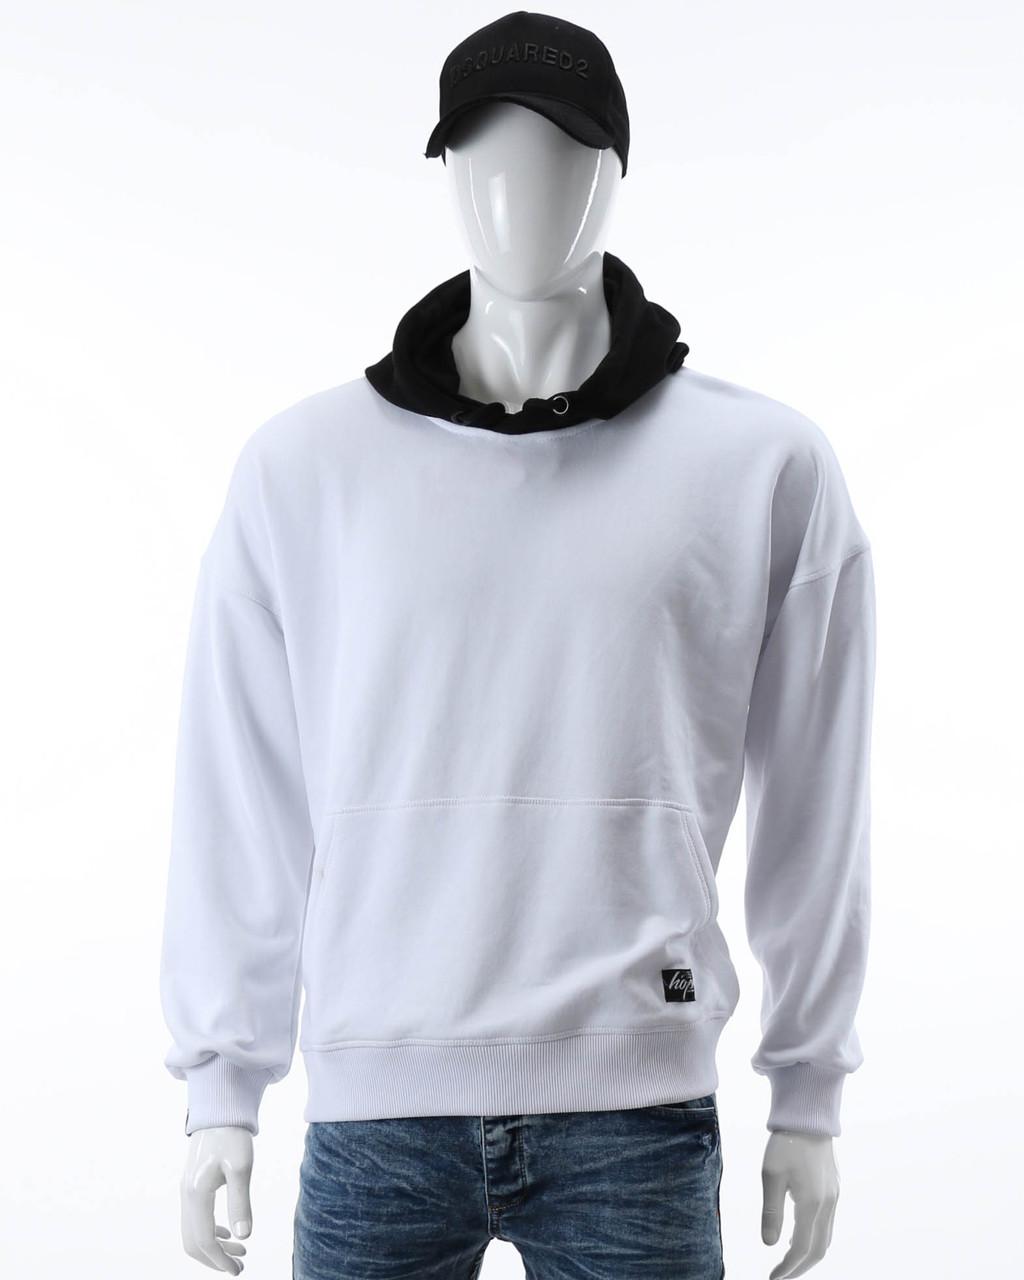 Худи белый/черный HOPE Т-1 WHT/BLK XXL(Р) 20-566-101